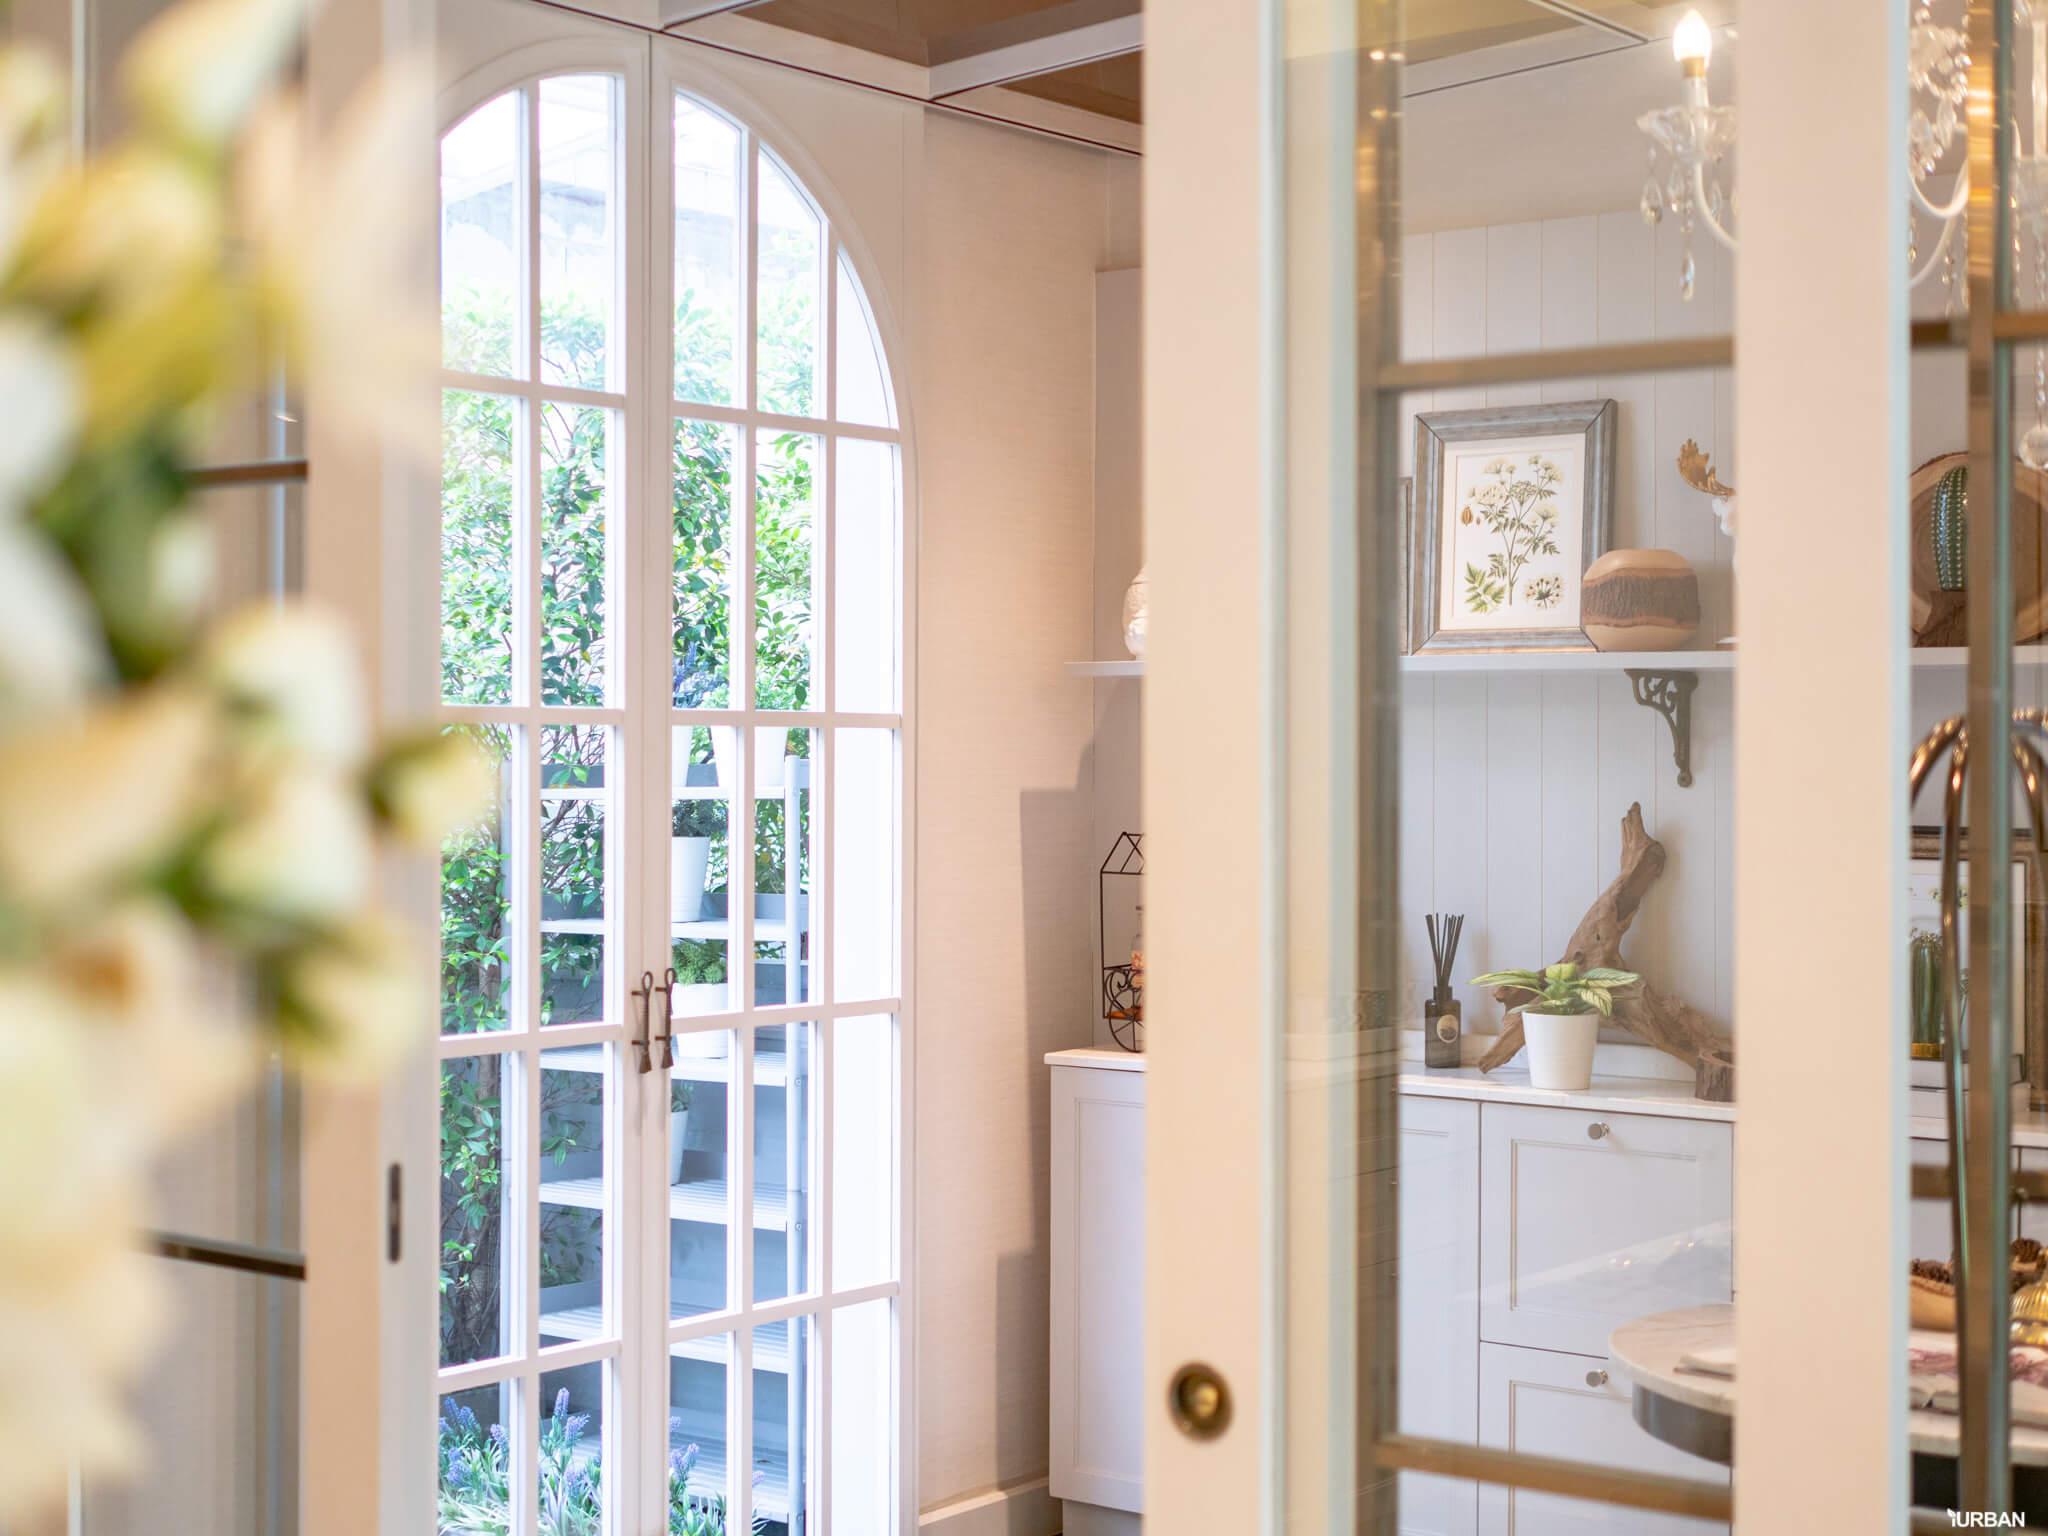 รีวิวทาวน์โฮม Pleno ปิ่นเกล้า - จรัญฯ การออกแบบที่ดีมากทั้งในบ้านและส่วนกลางที่ให้เกินราคา 47 - AP (Thailand) - เอพี (ไทยแลนด์)